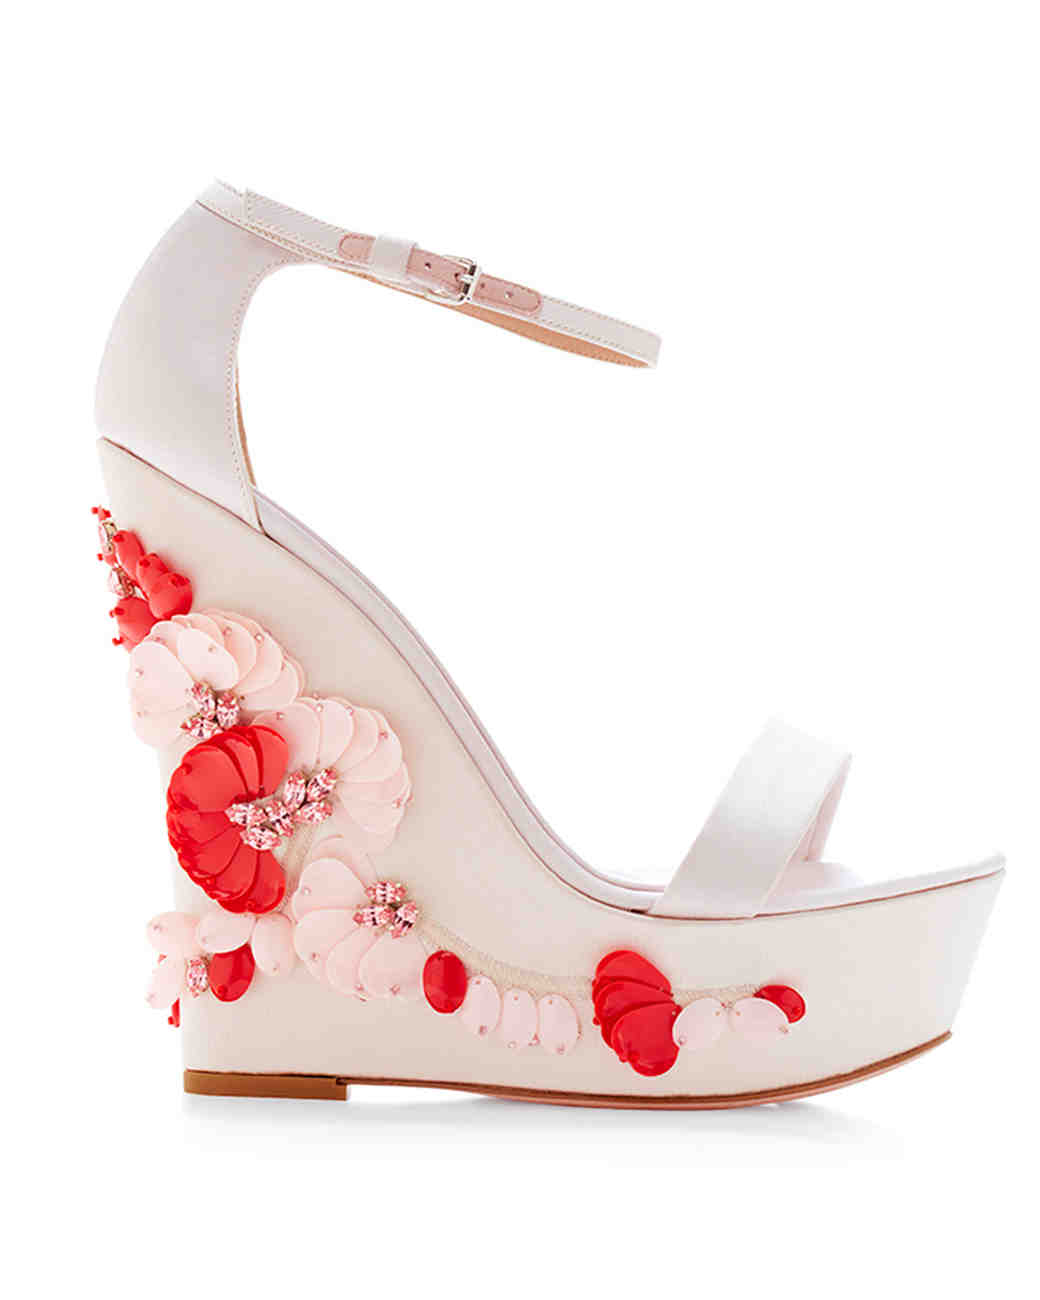 summer-wedding-shoes-giambattista-valli-wedge-sandals-0515.jpg